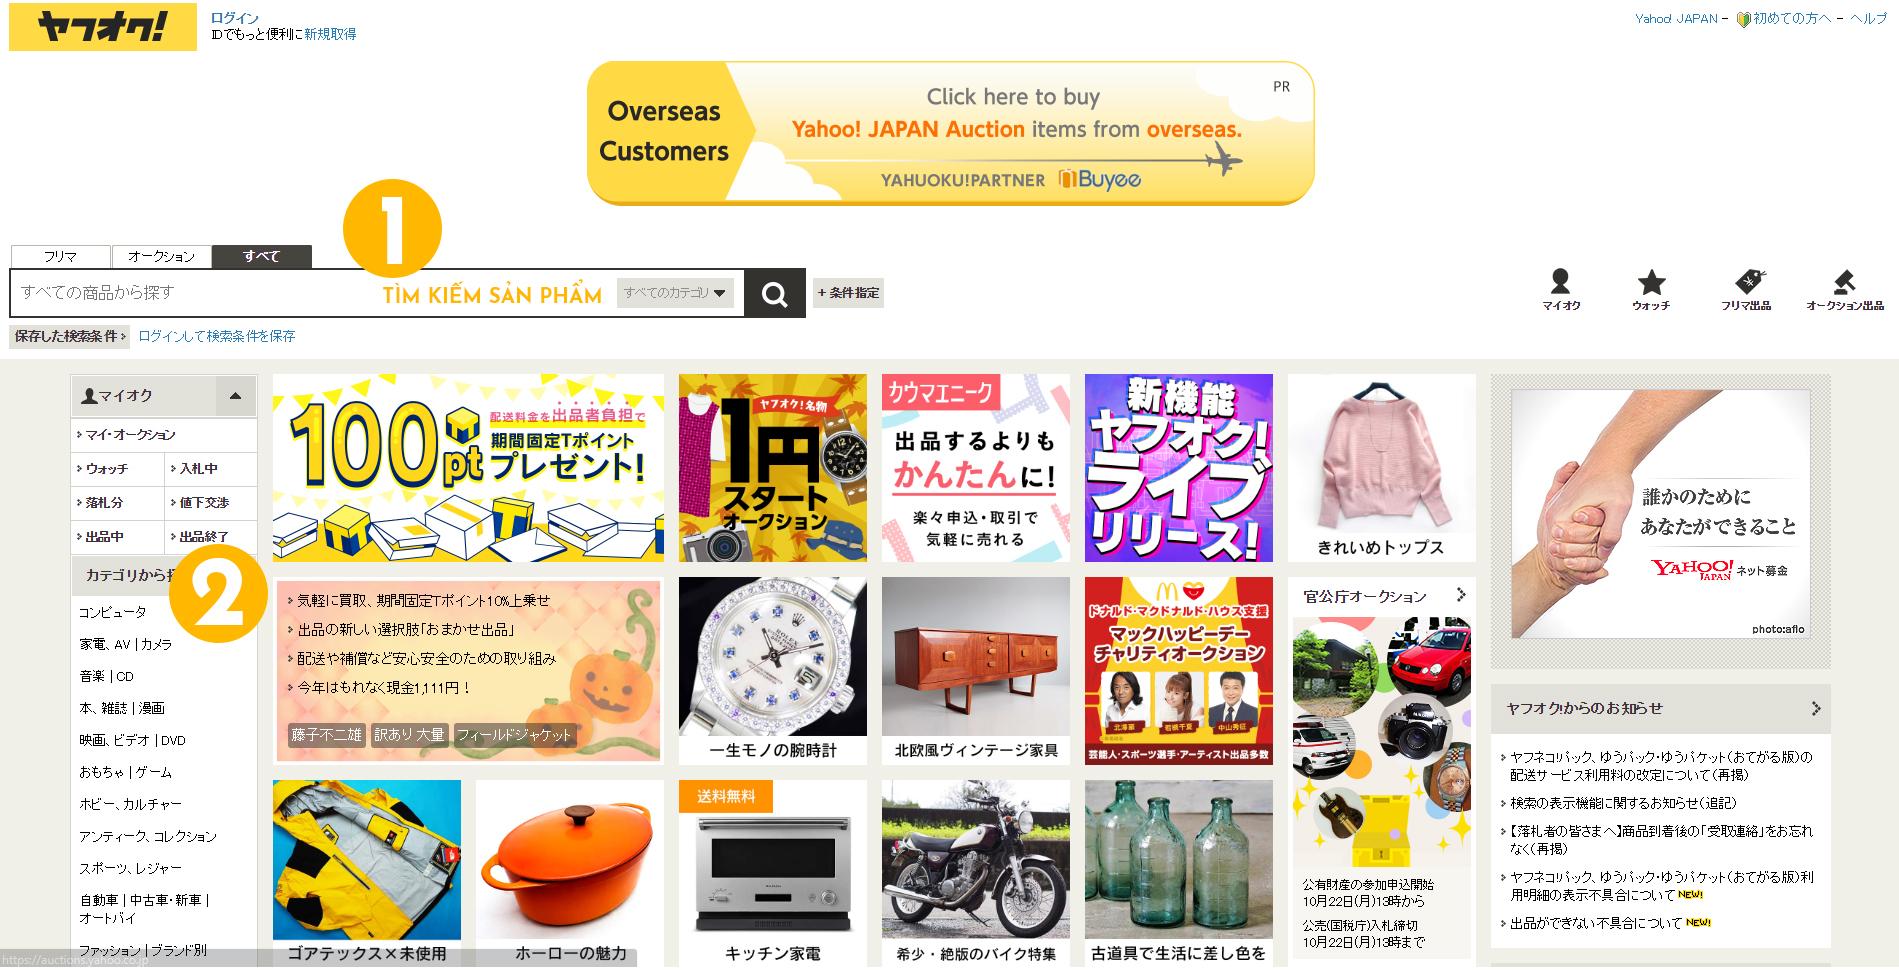 Giao diện trang đấu giá hàng Nhật